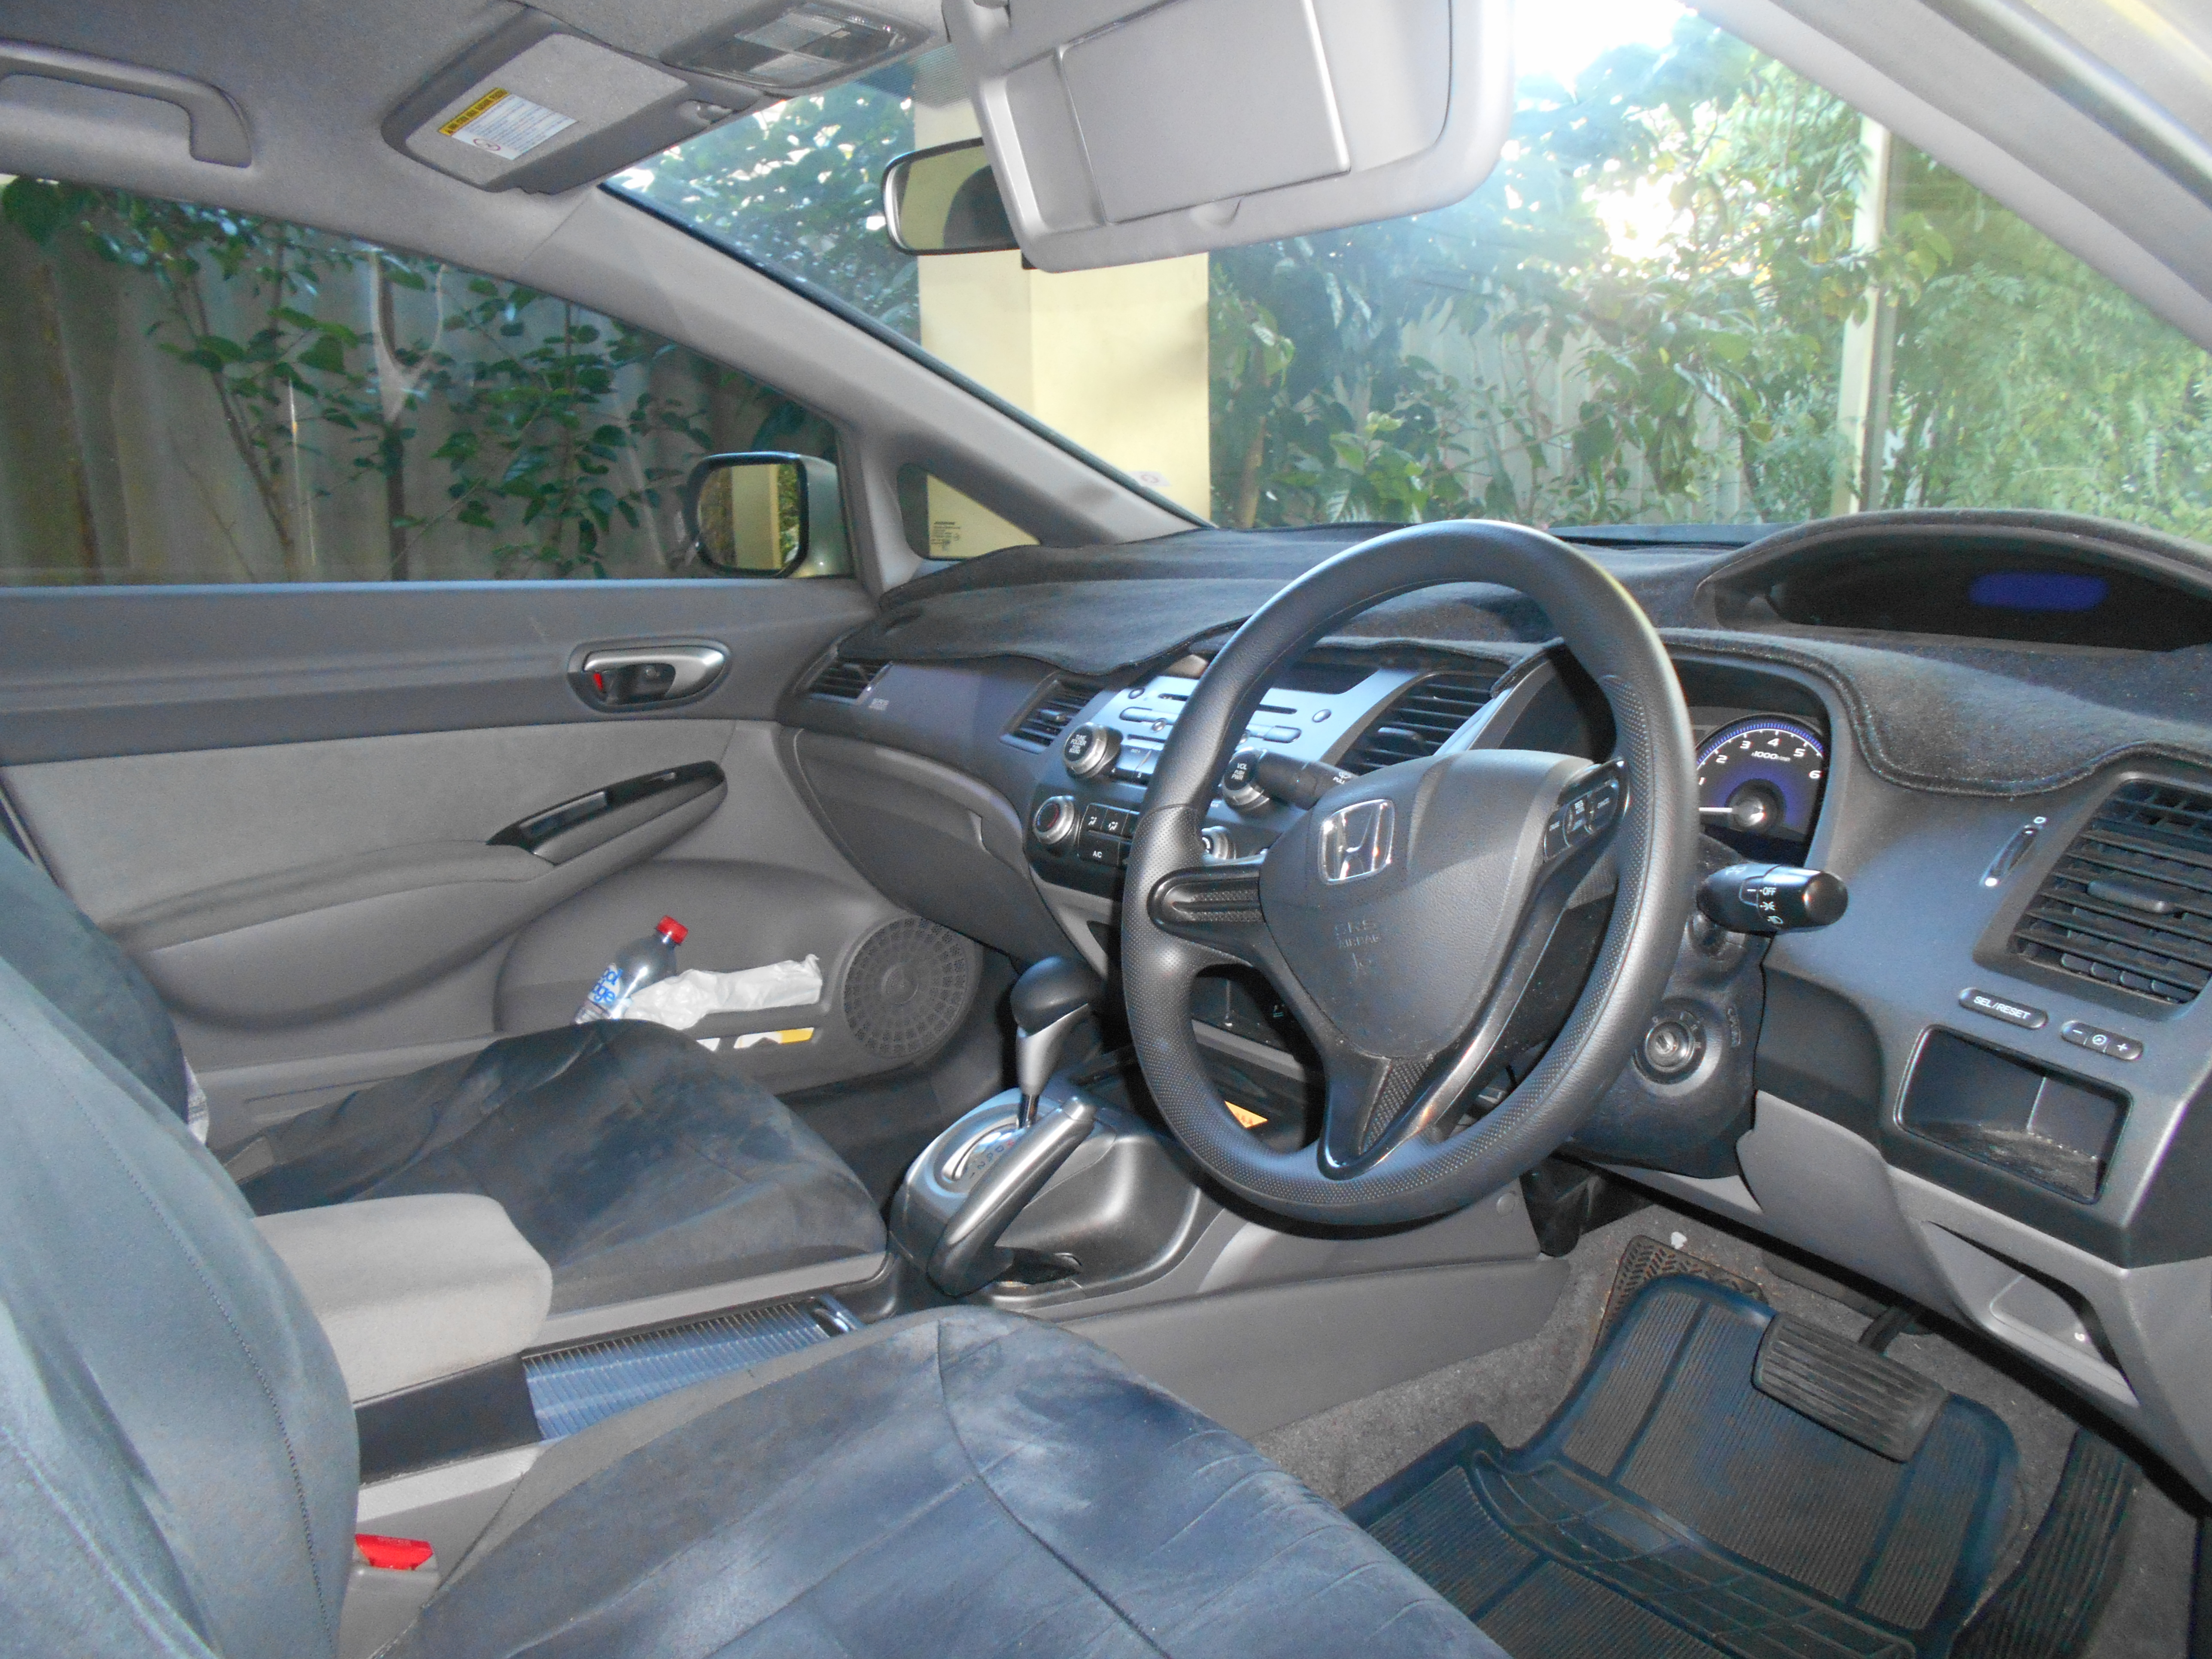 File:2008 Honda Civic VTI Interior.JPG